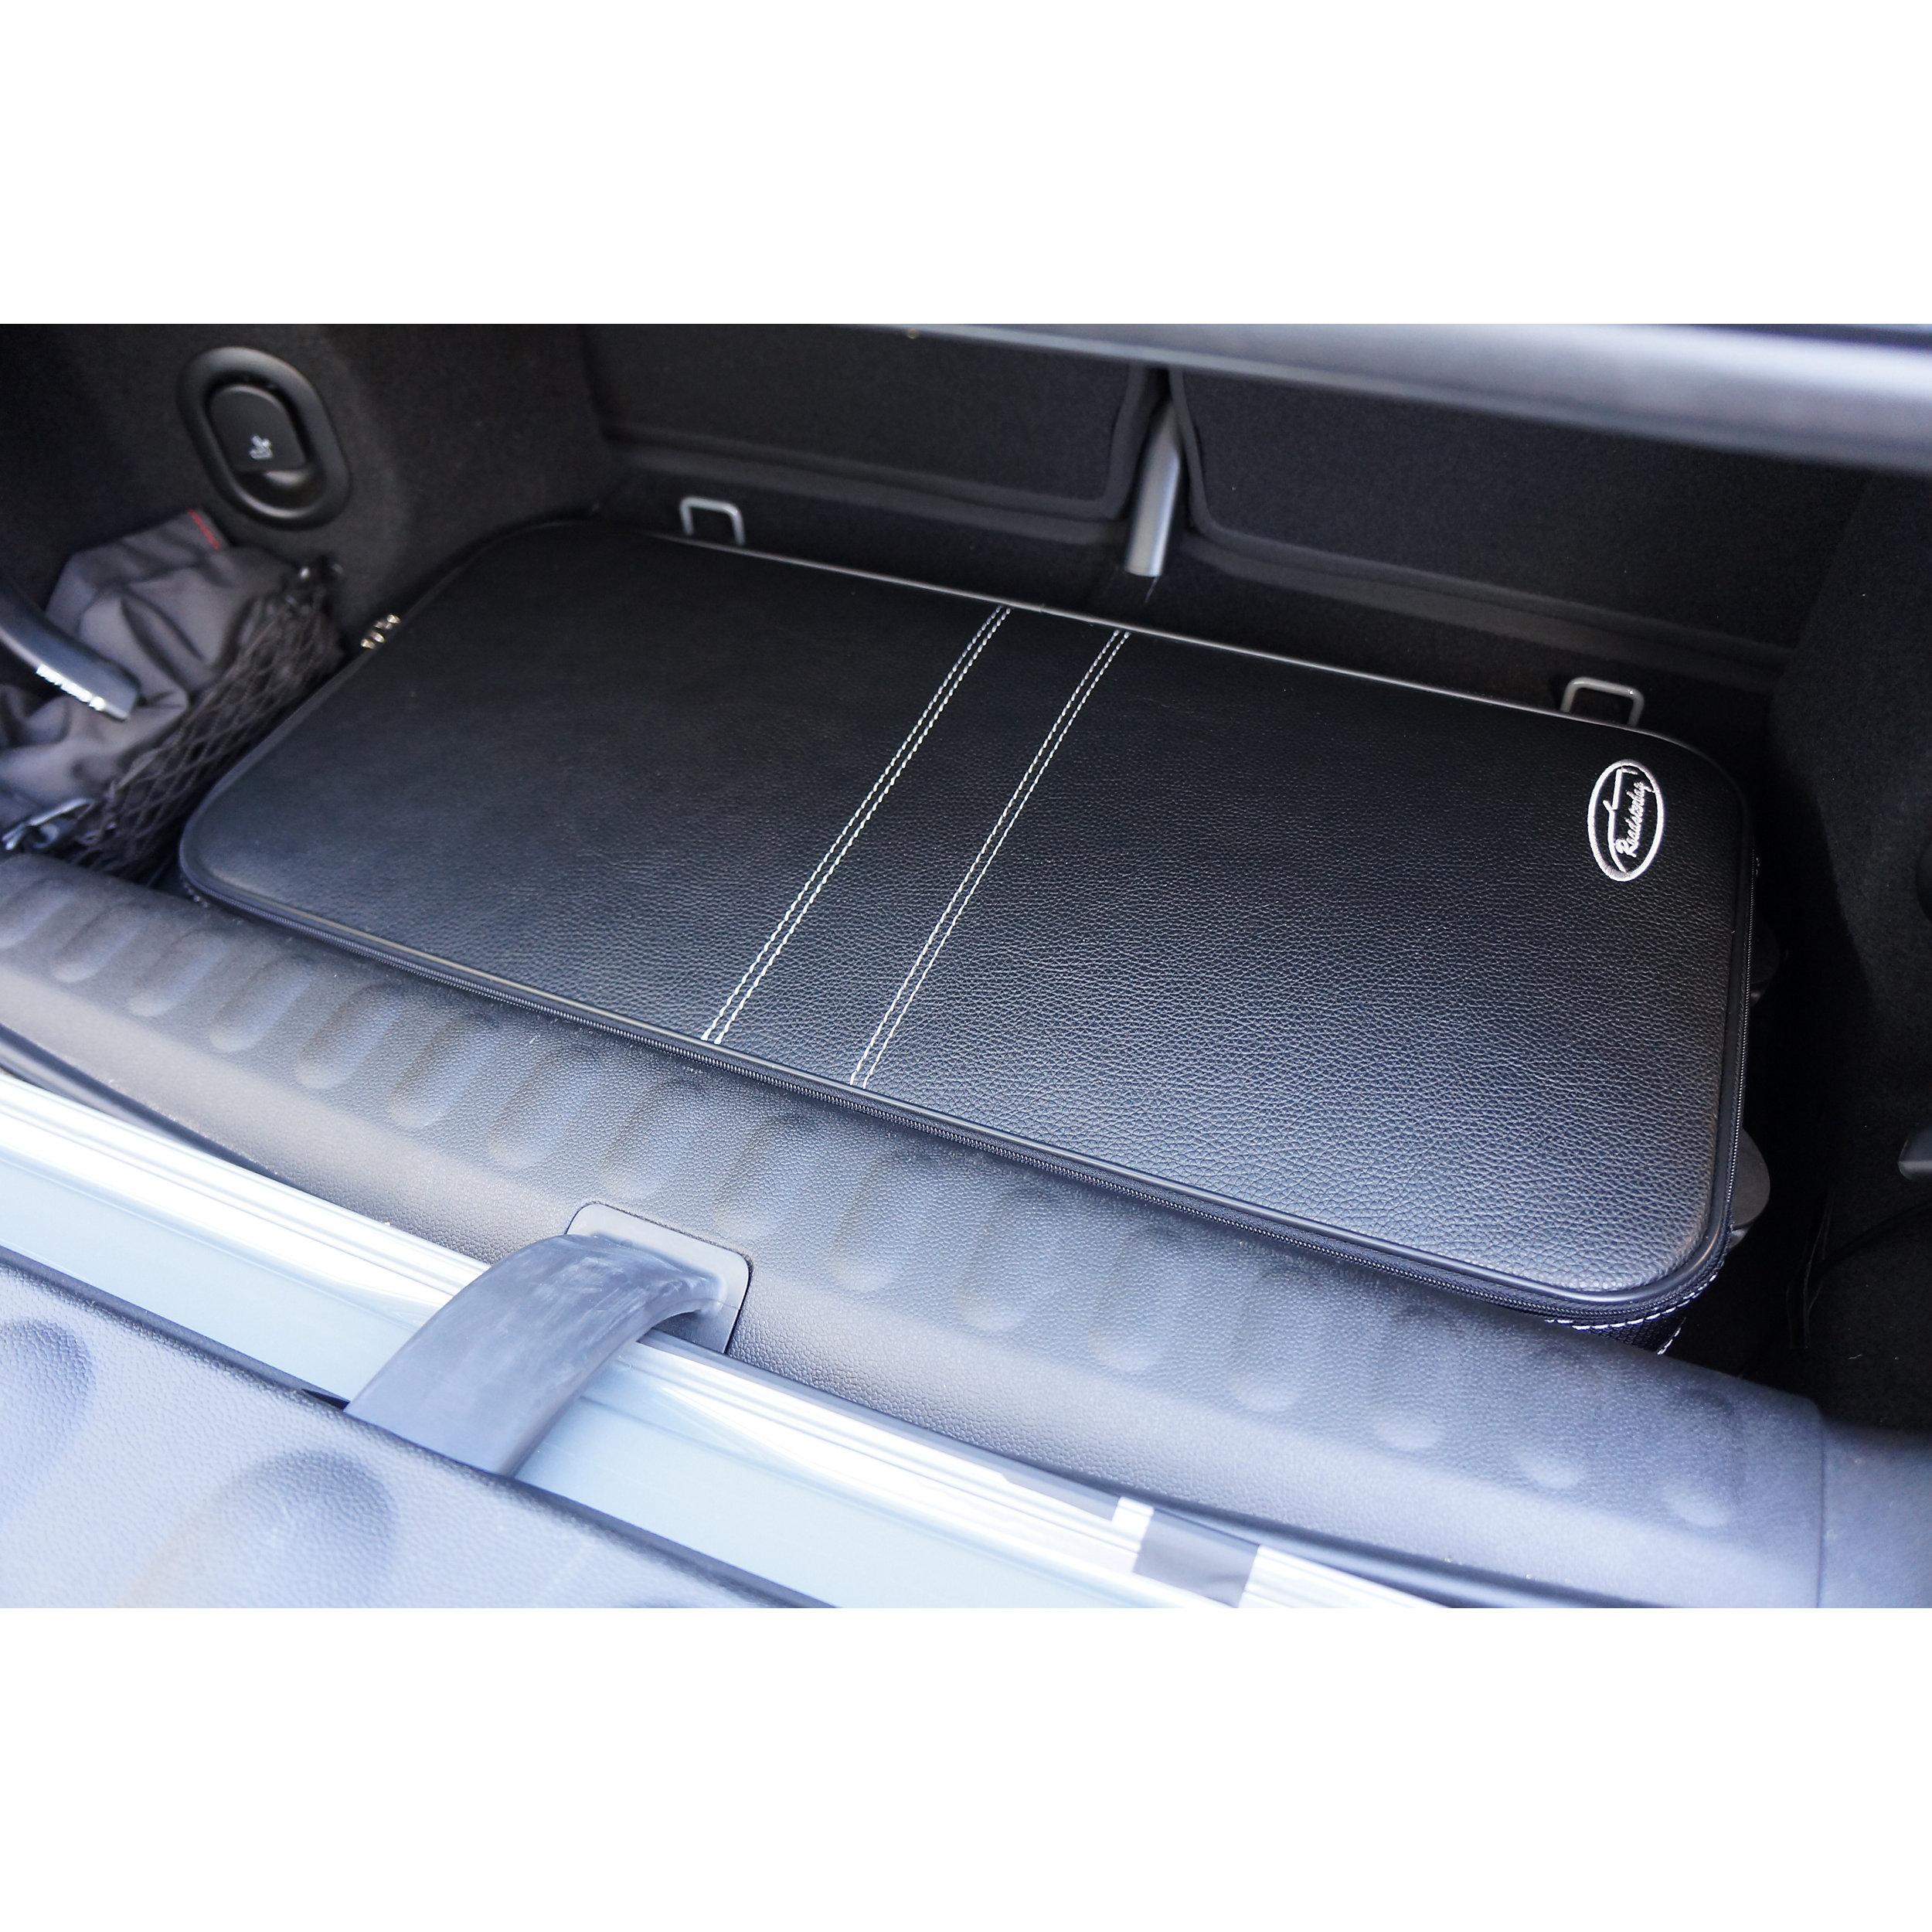 2-tlg. Kofferset mit 2 Rollen Mini Cabrio (F57) XXL